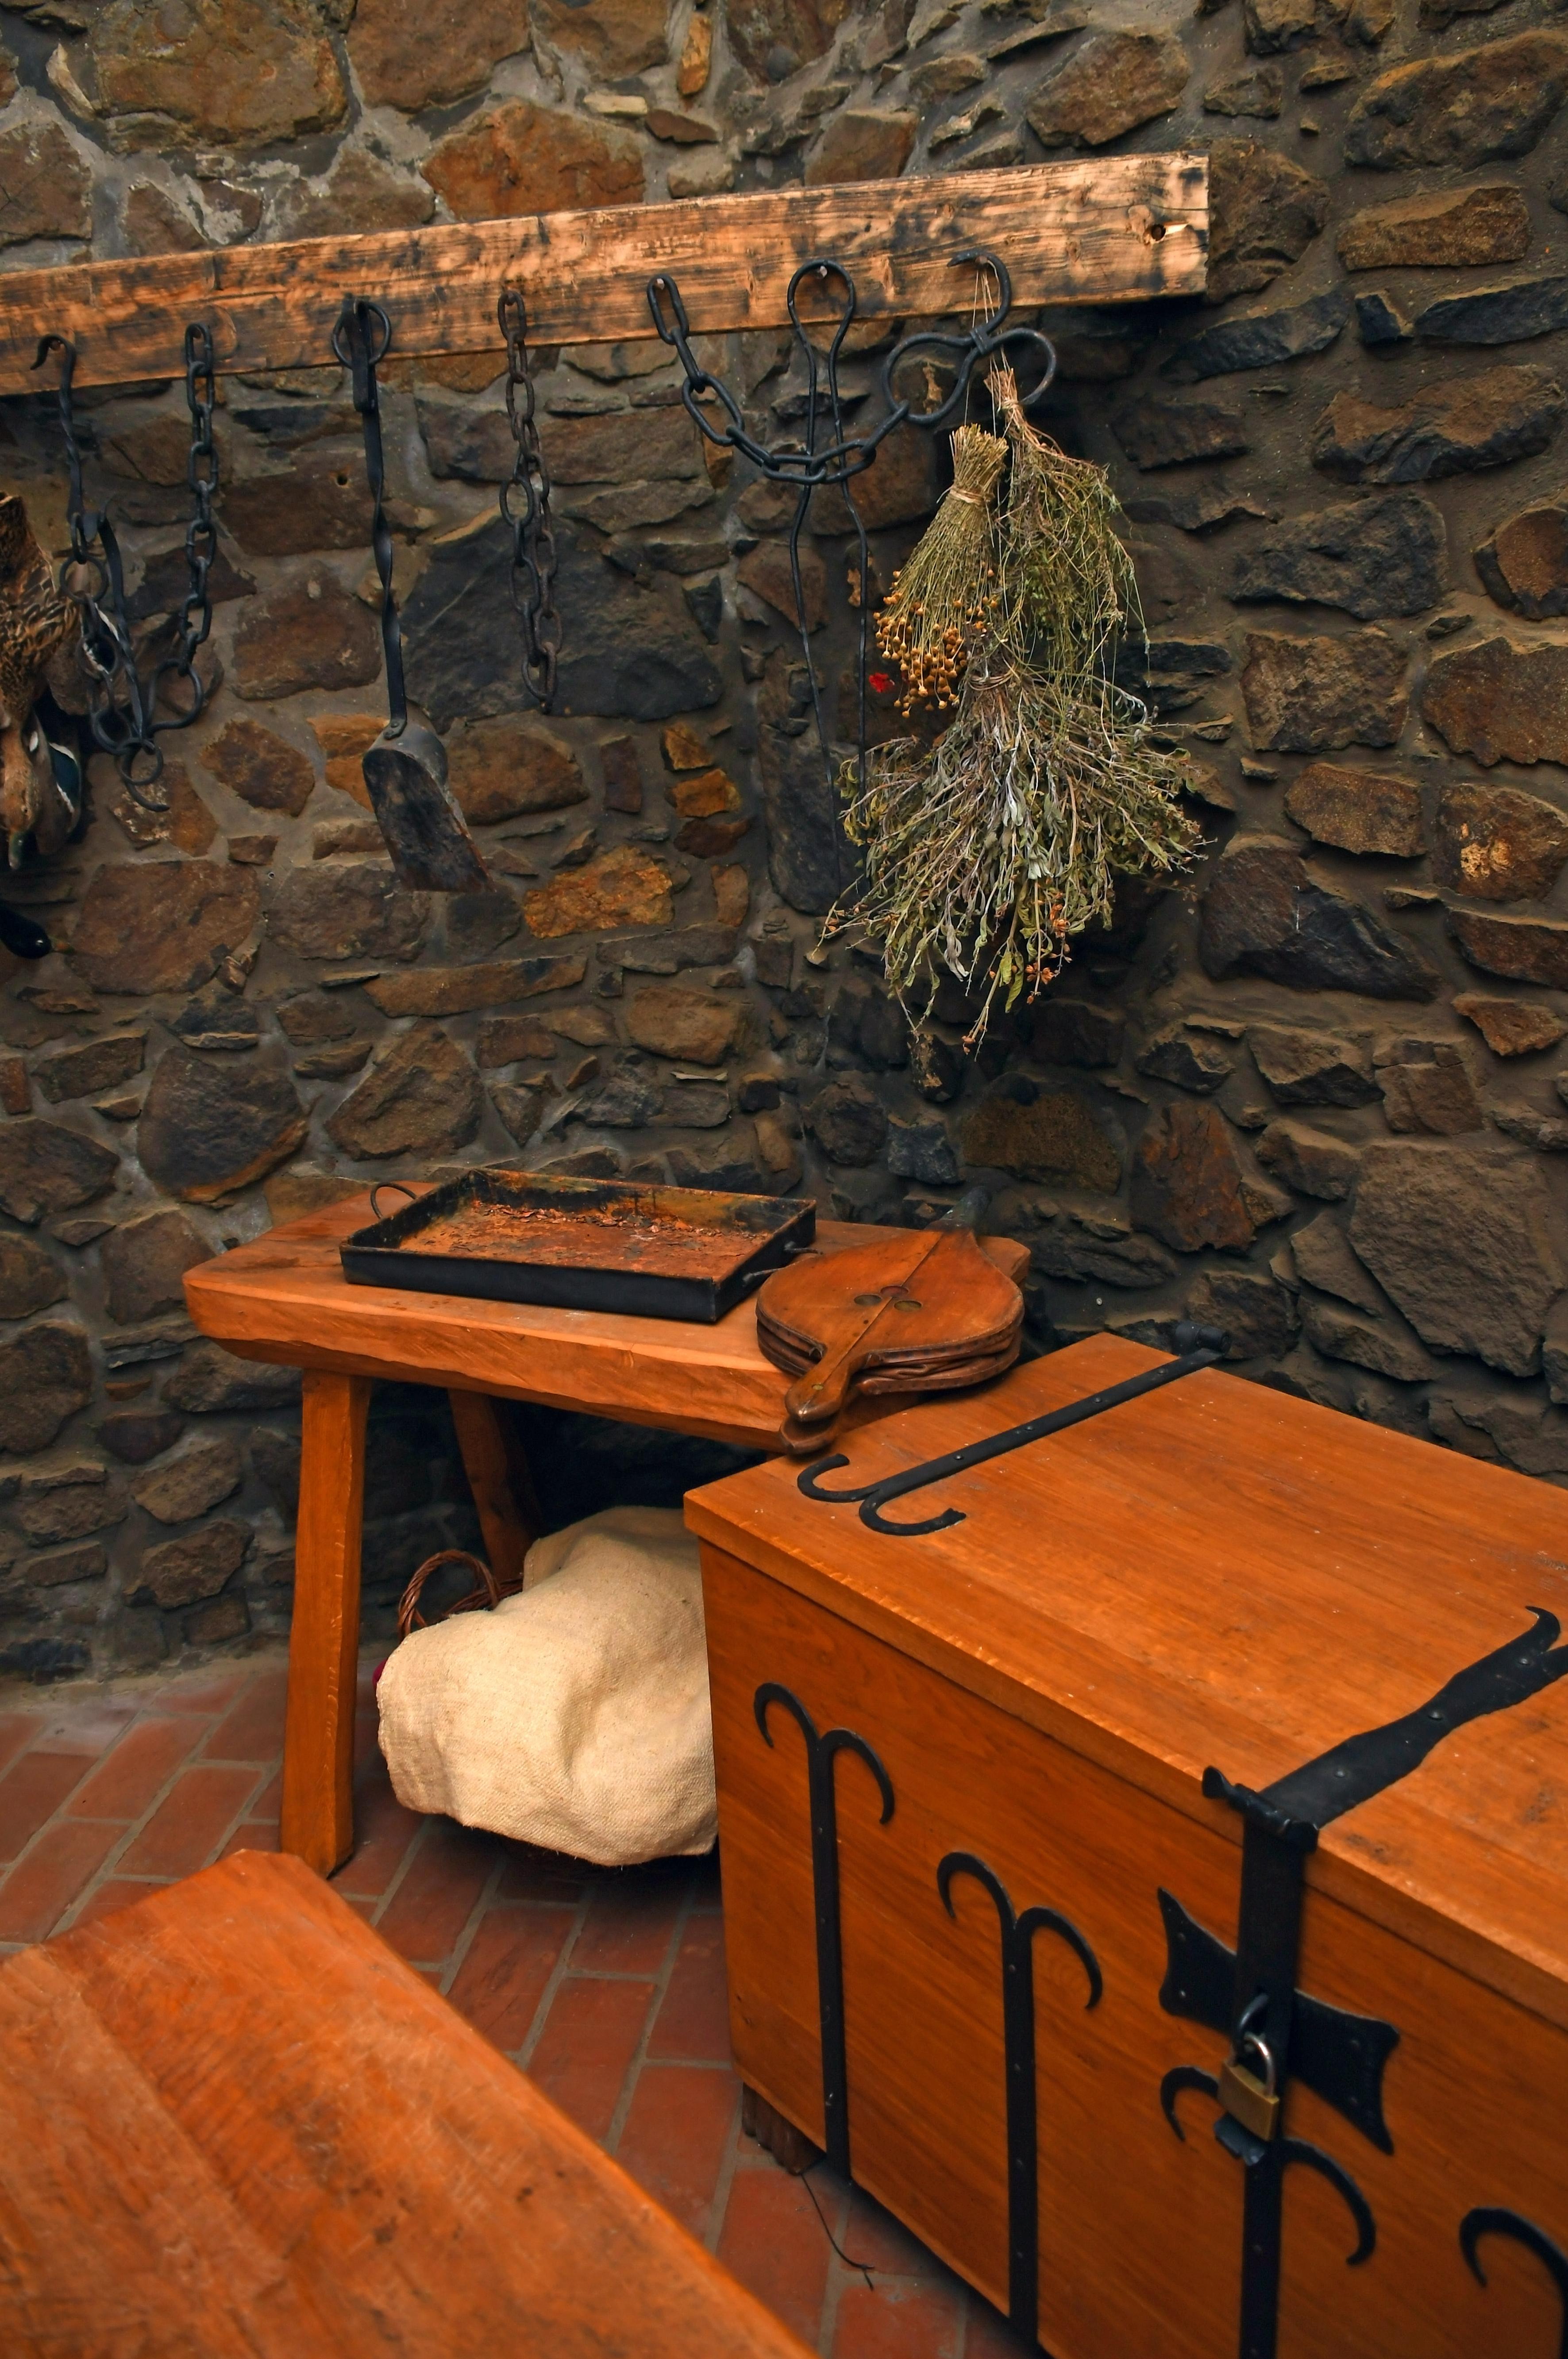 Case Tavolo Legno Cucina Antico.Immagini Belle Castello Interno Medievale Vecchio